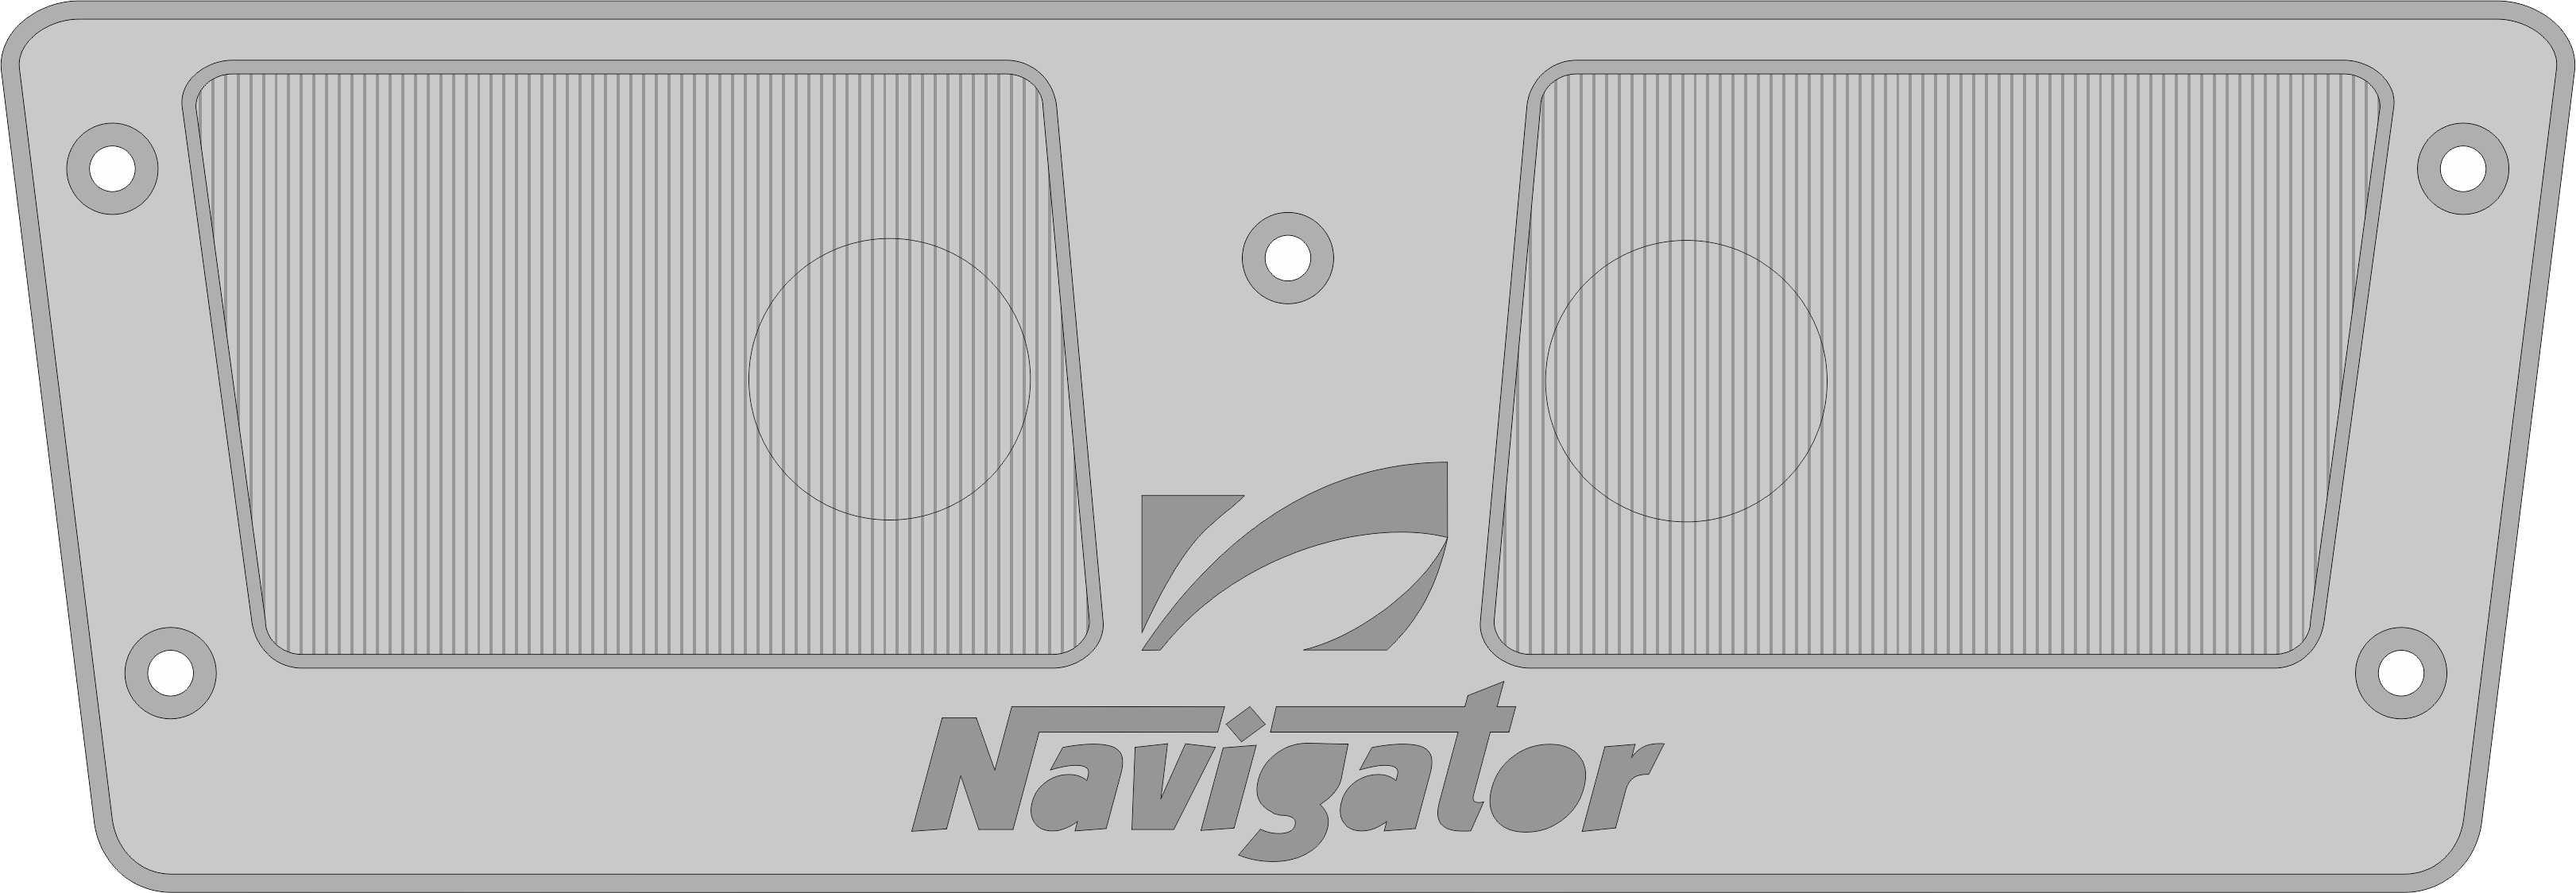 """navi планка для лодки """"Навигатор"""""""